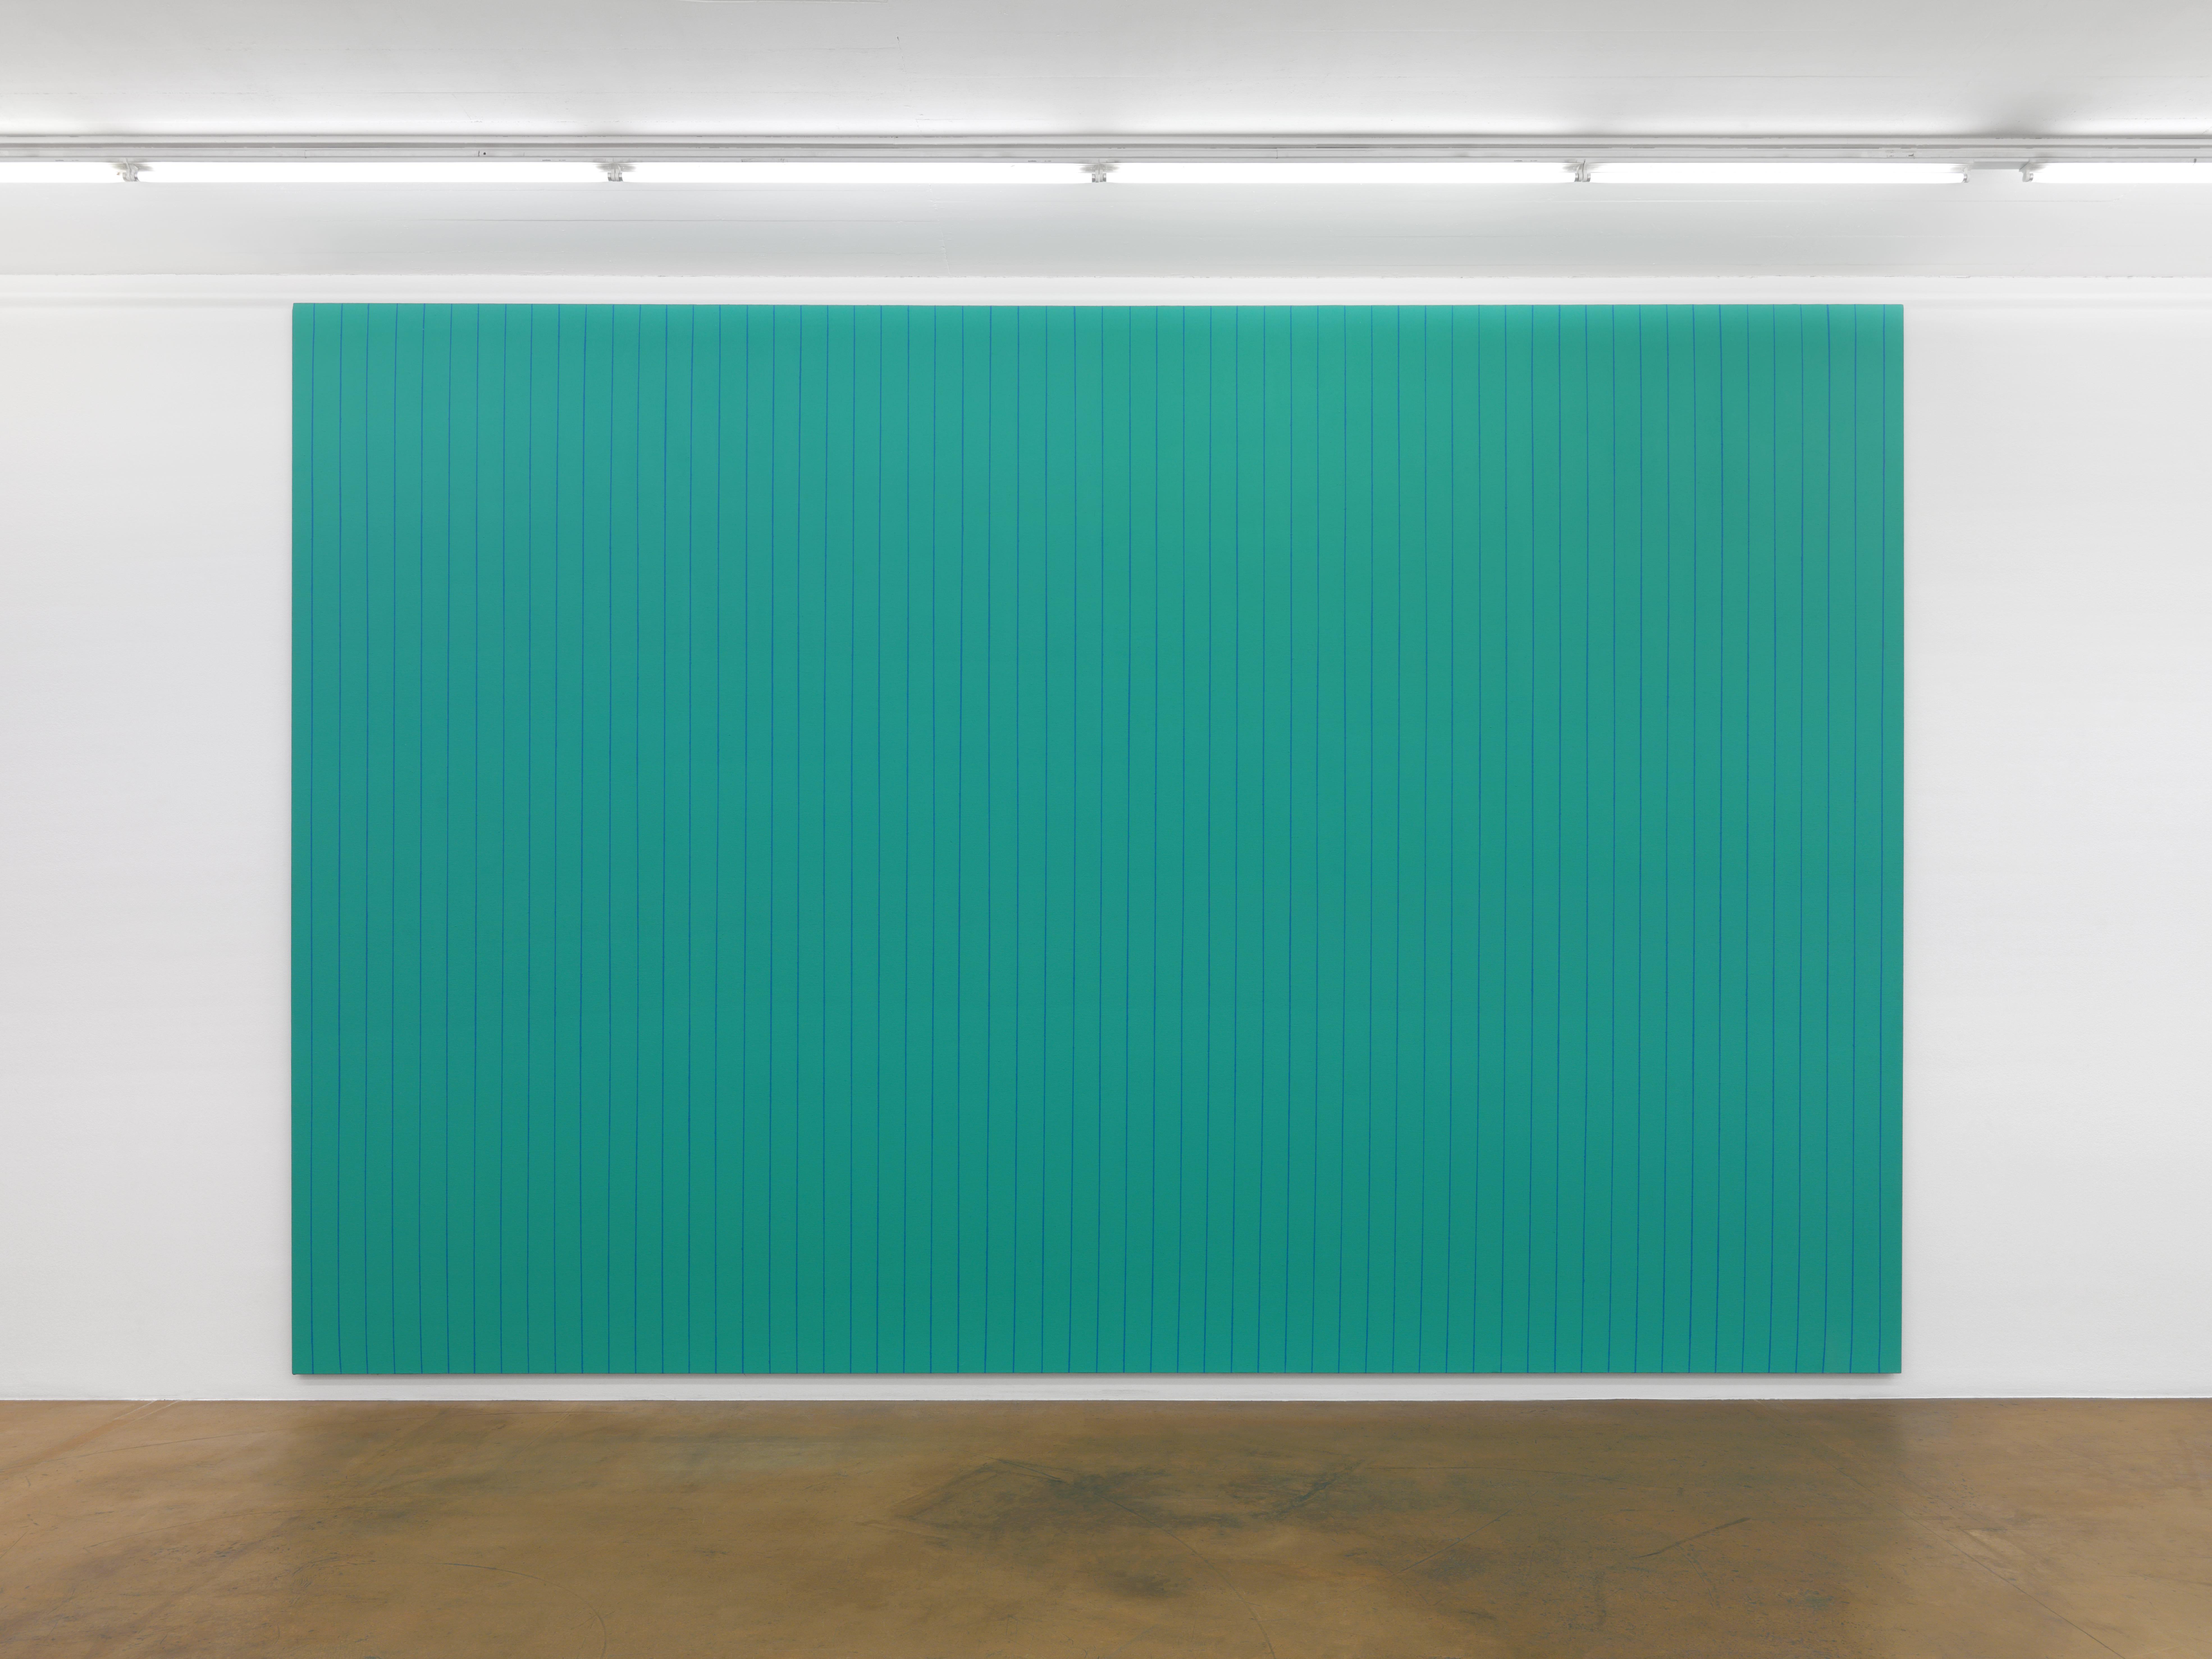 Olivier Mosset, Sans titre, 1989, acrylique sur toile, 400 x 600 cm / Photo credits: Annik Wetter–MAMCO Geneva